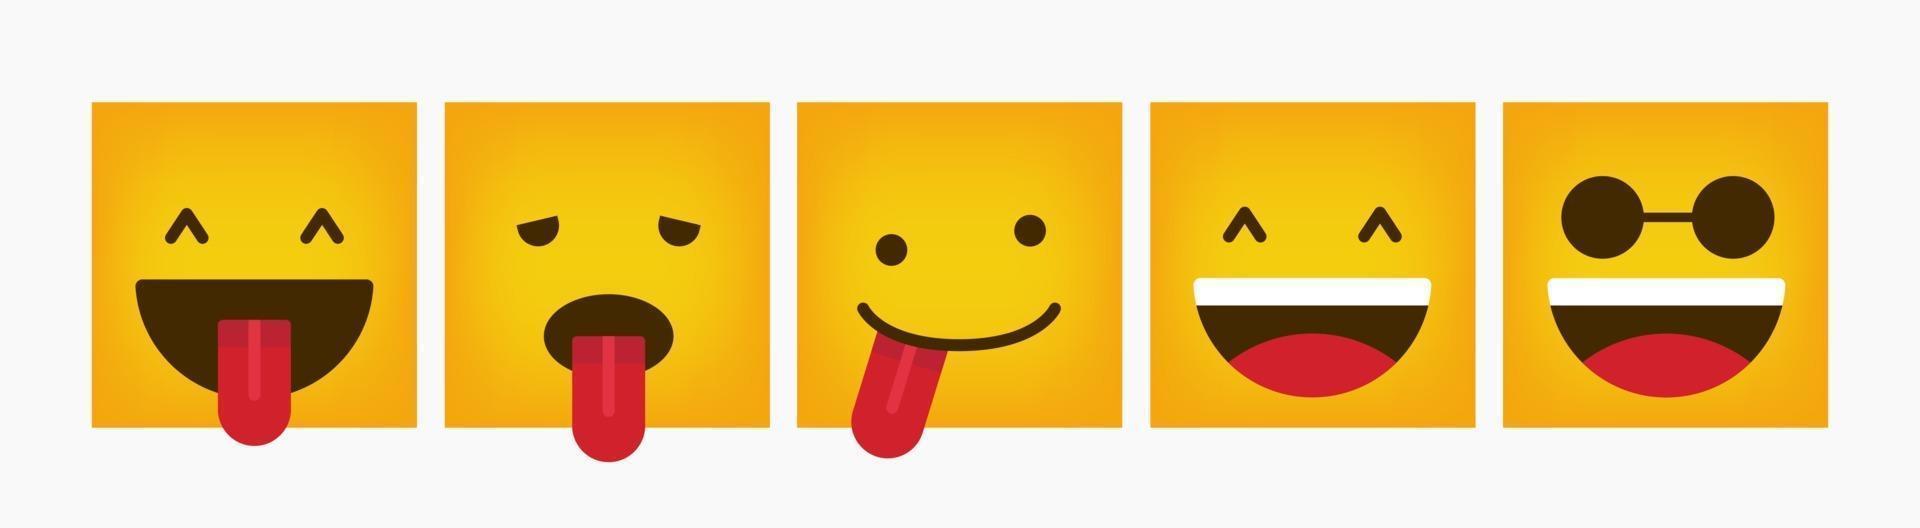 set di emoticon design quadrato di reazione vettore